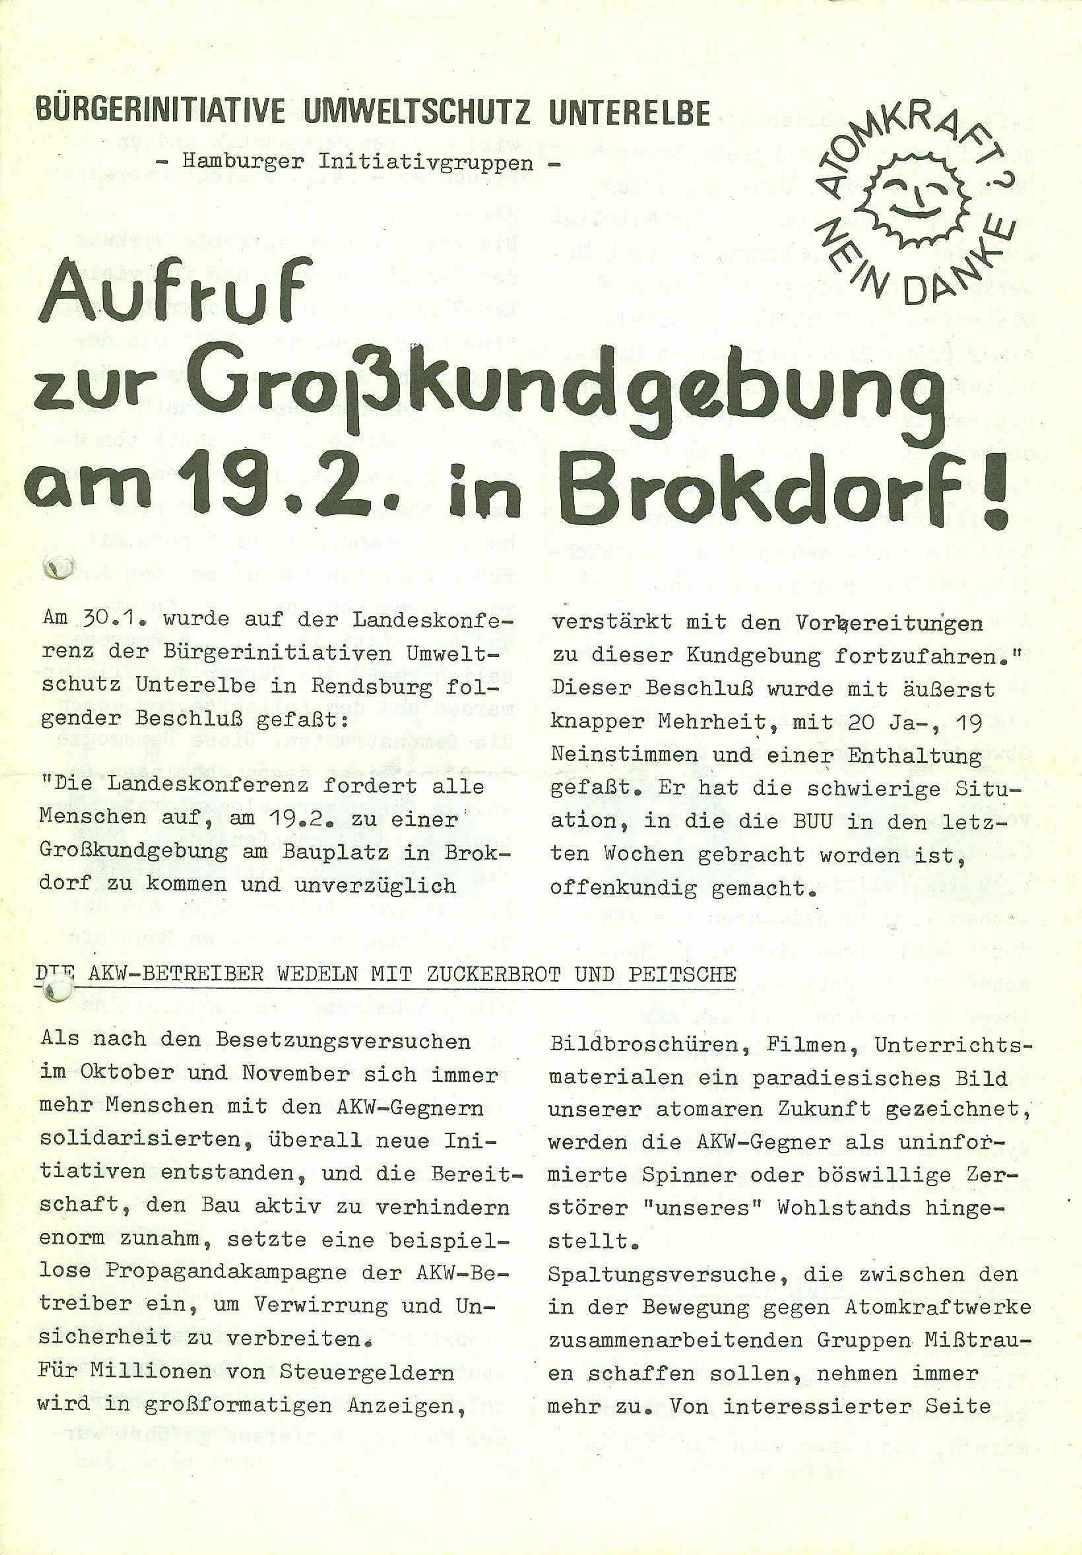 Hamburg_AKW179